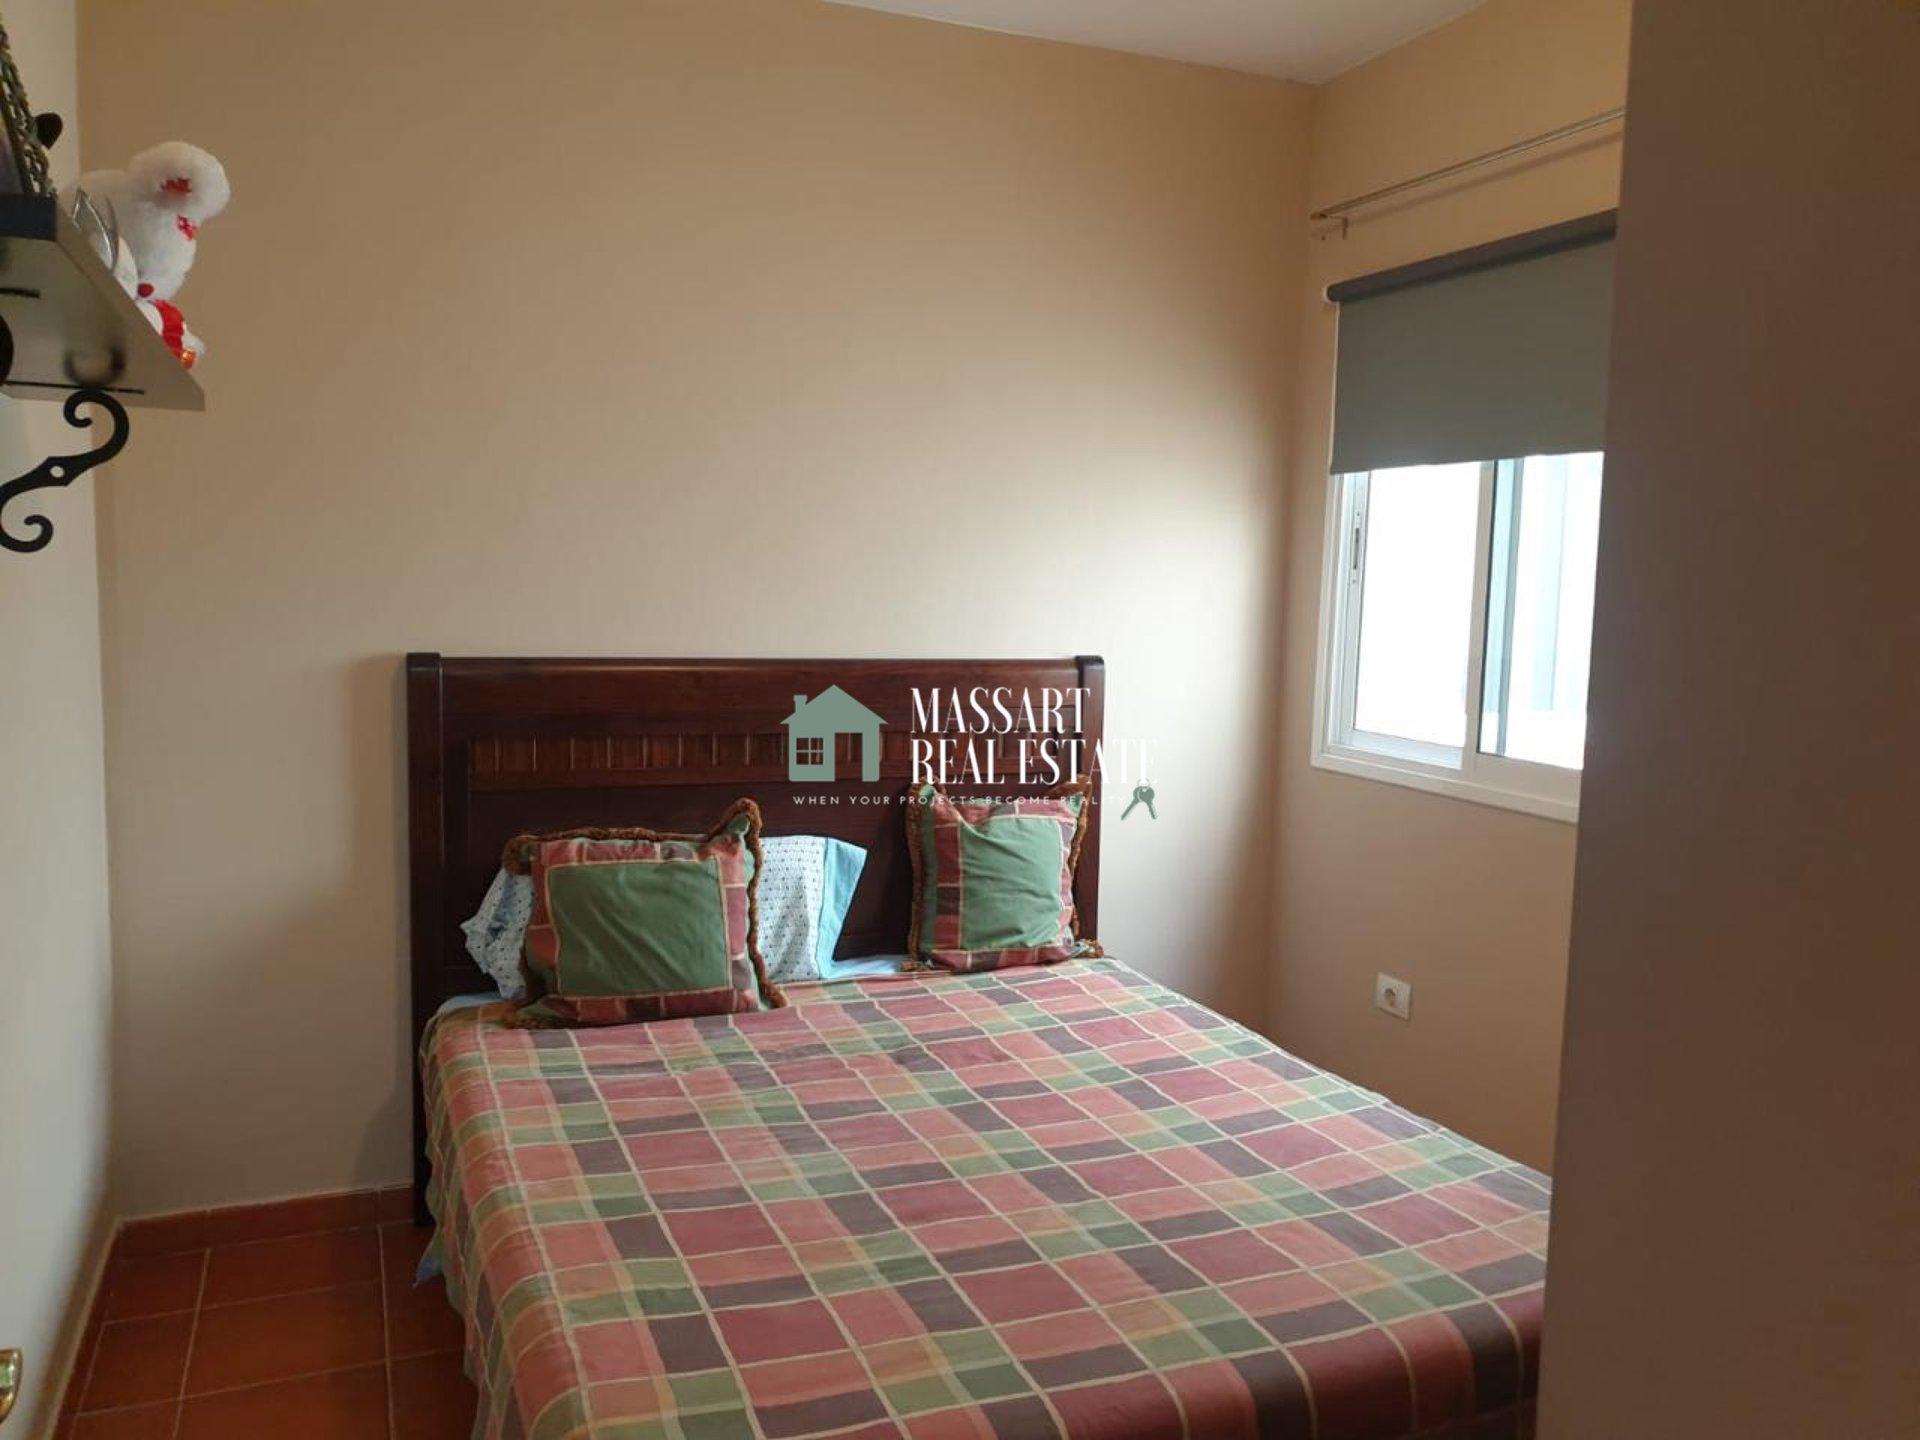 Appartamento di 90 m2 completamente arredato situato in una zona tranquilla di Granadilla.